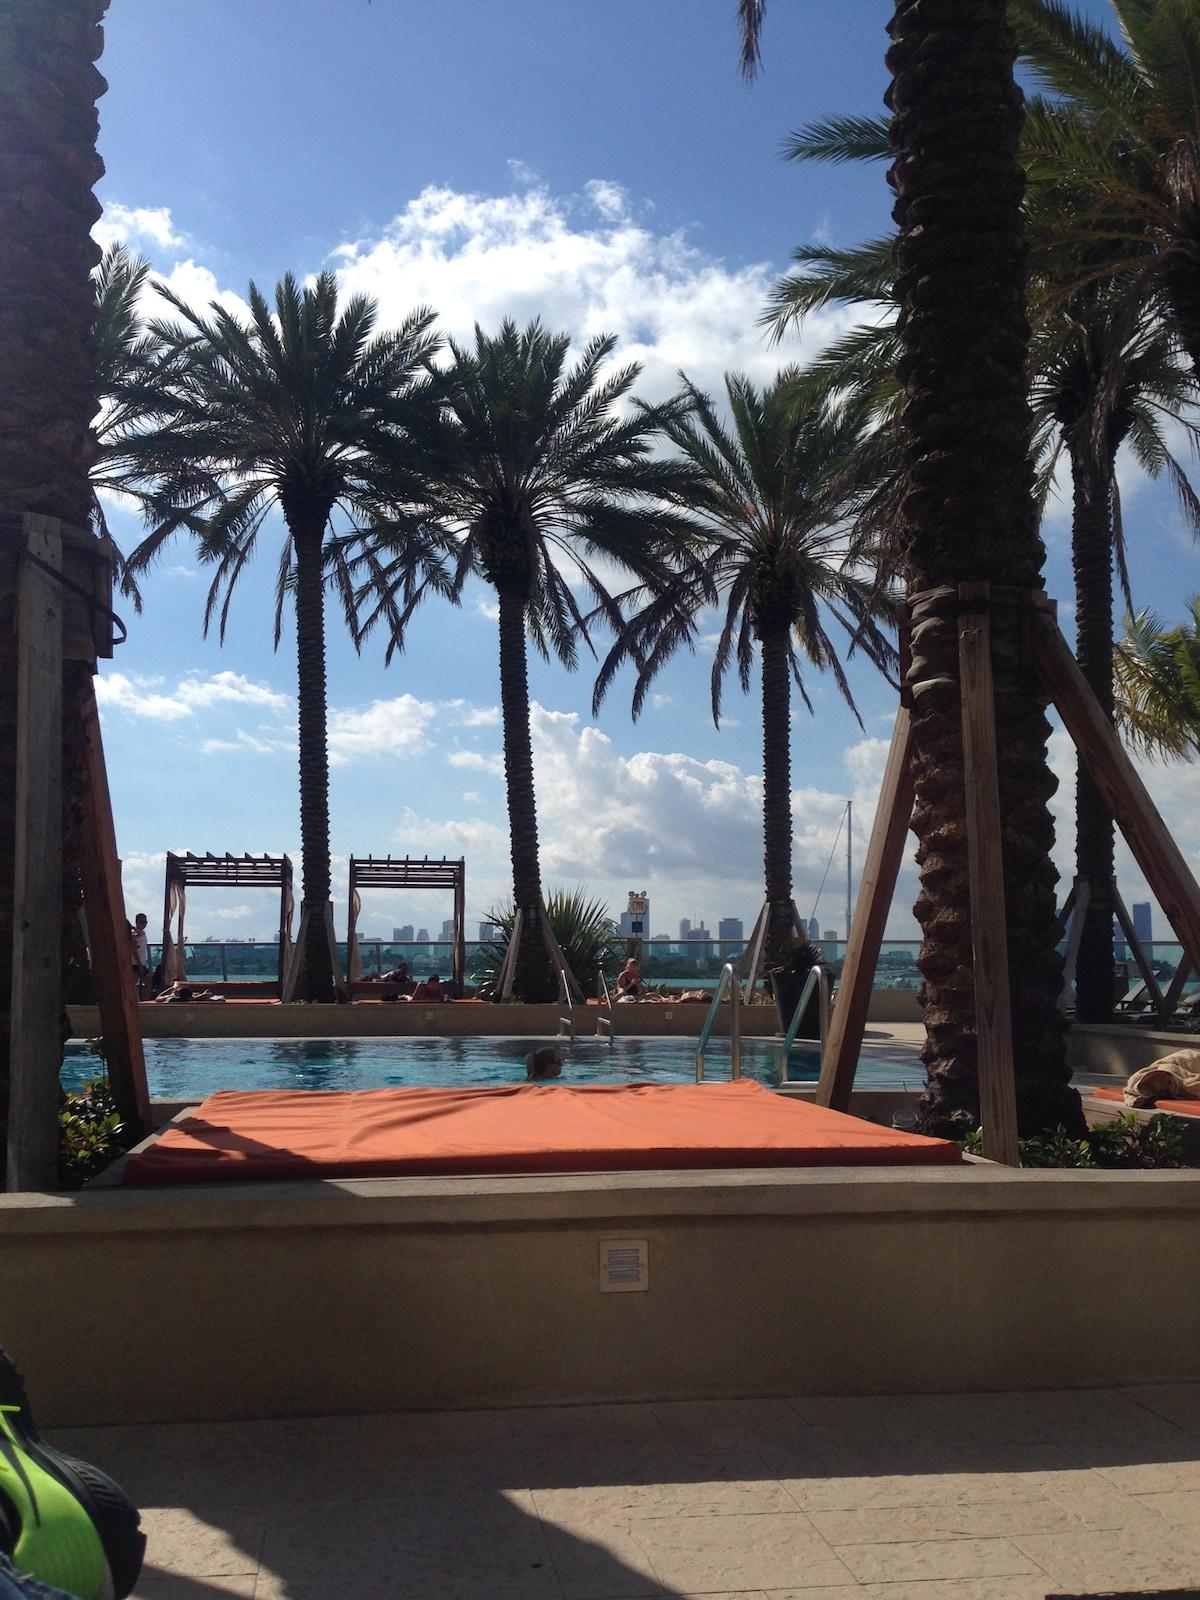 South Beach-Flamingo Resort